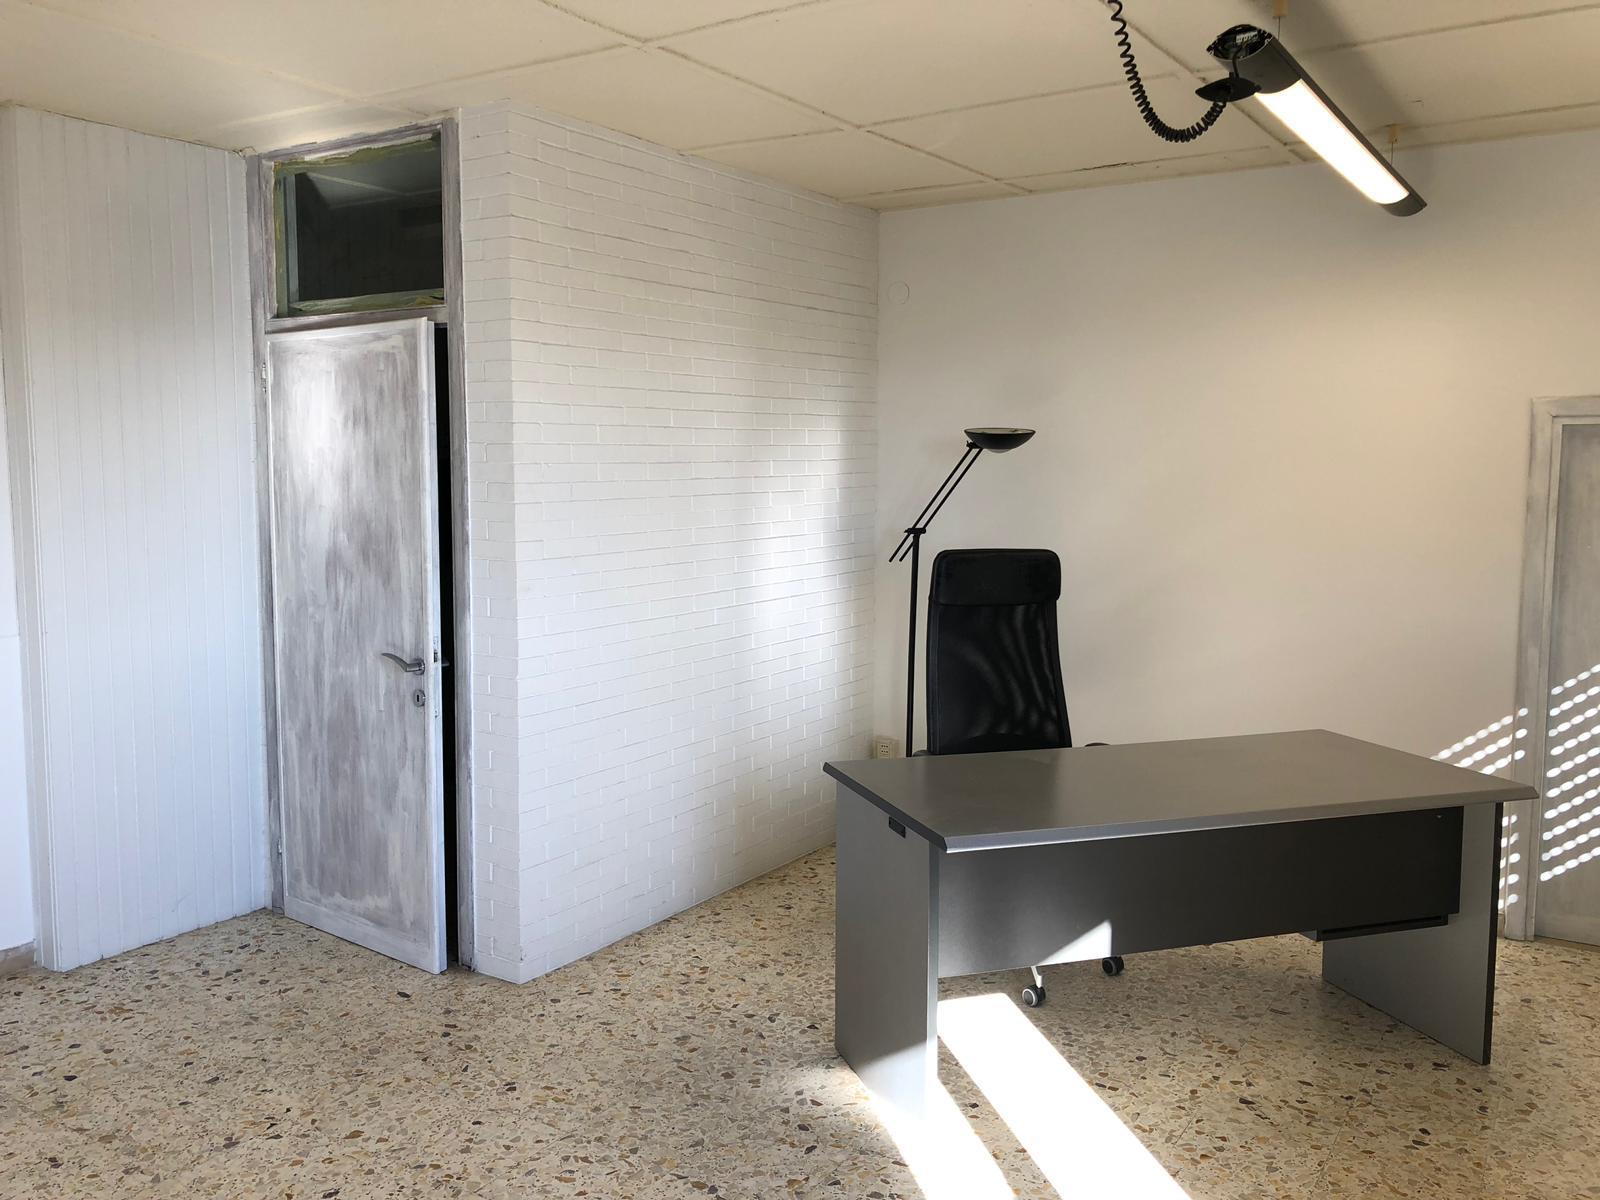 Ufficio / Studio in vendita a Montespertoli, 1 locali, prezzo € 50.000 | CambioCasa.it